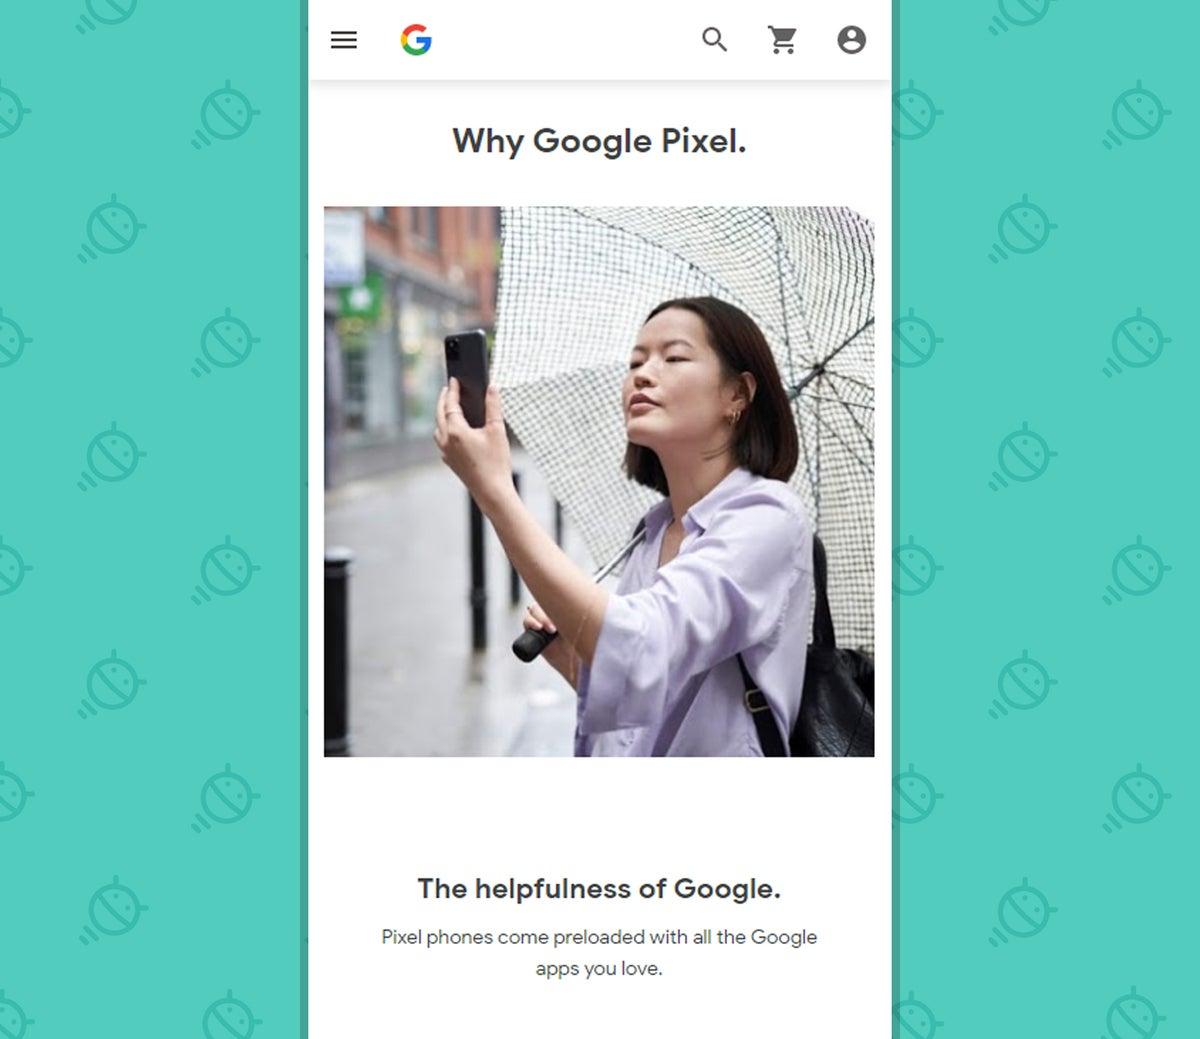 Google Pixel Phones - Store